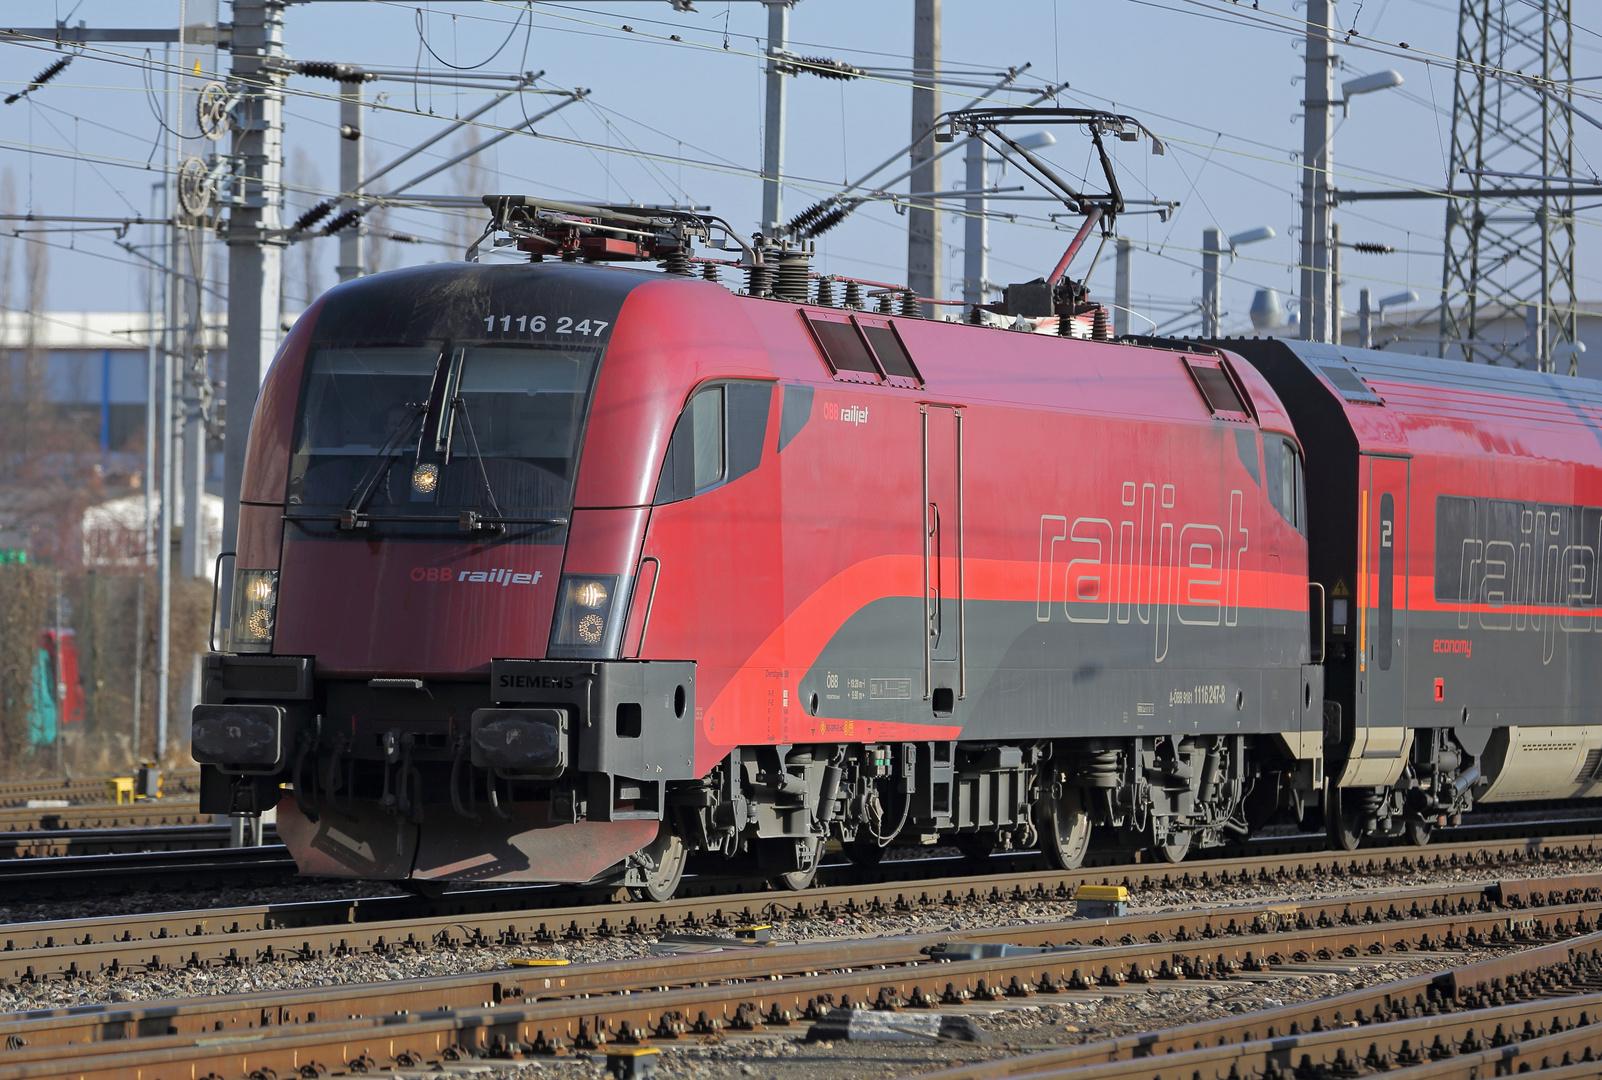 ÖBB - railjet 1116 247